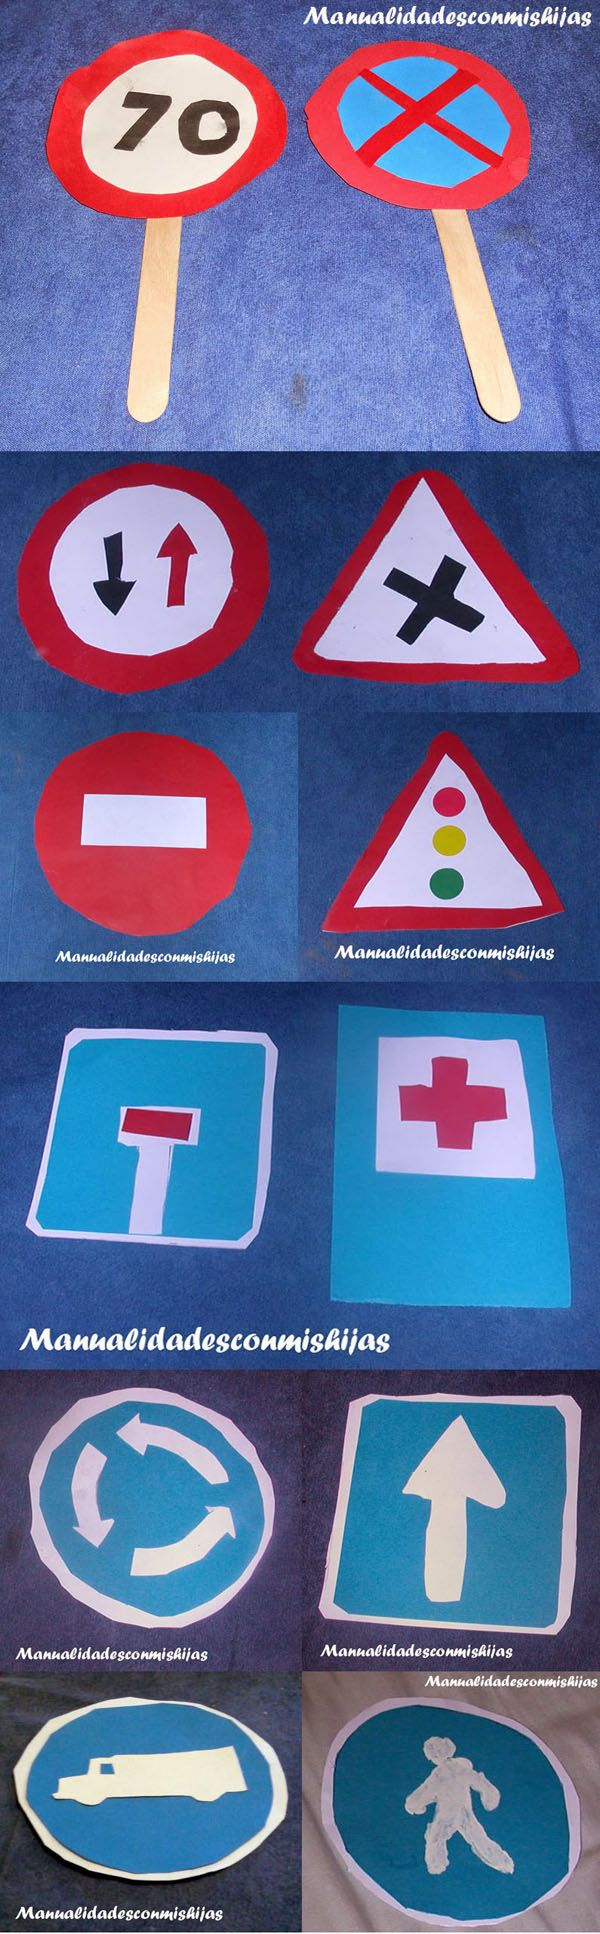 Manualidadesconmishijas - Manualidades infantiles: Señales de tráfico: Obligación, prohibición, peligro, Indicación...